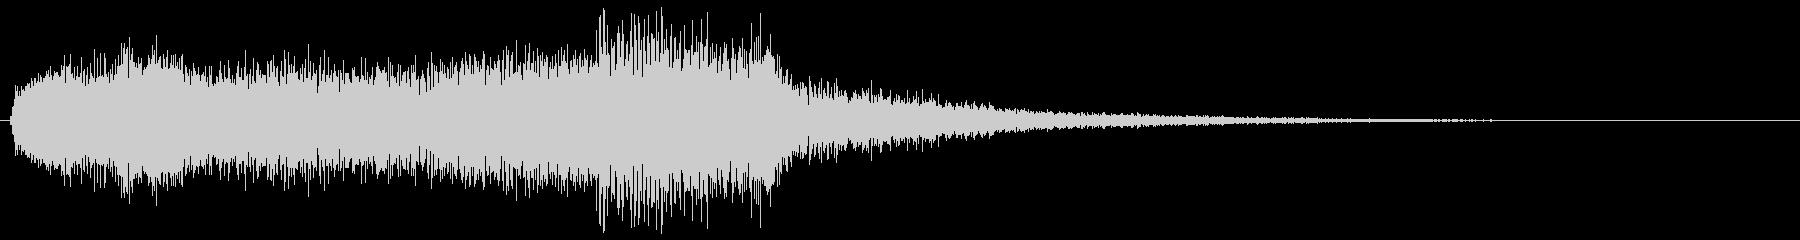 ミステリアスな怖いイメージの音 オルガンの未再生の波形